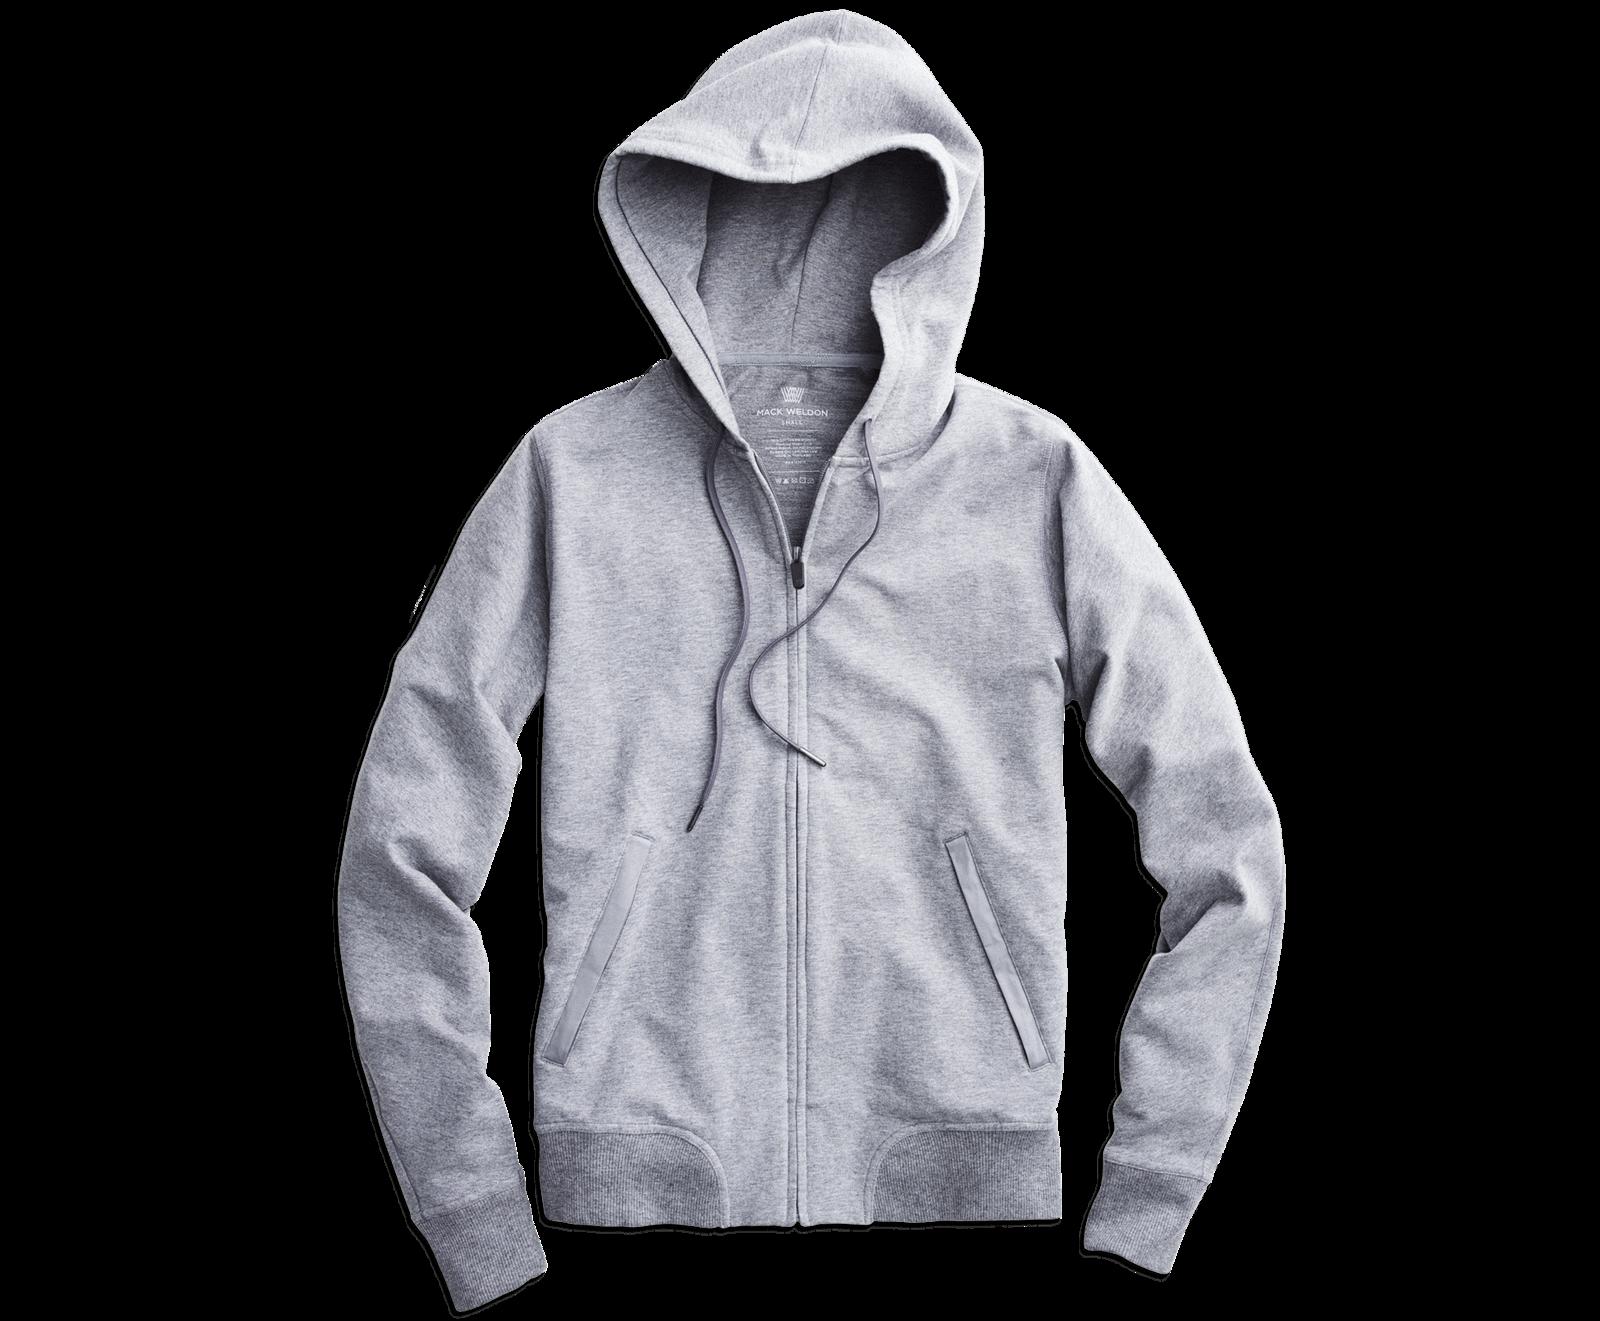 mack weldon hoodie